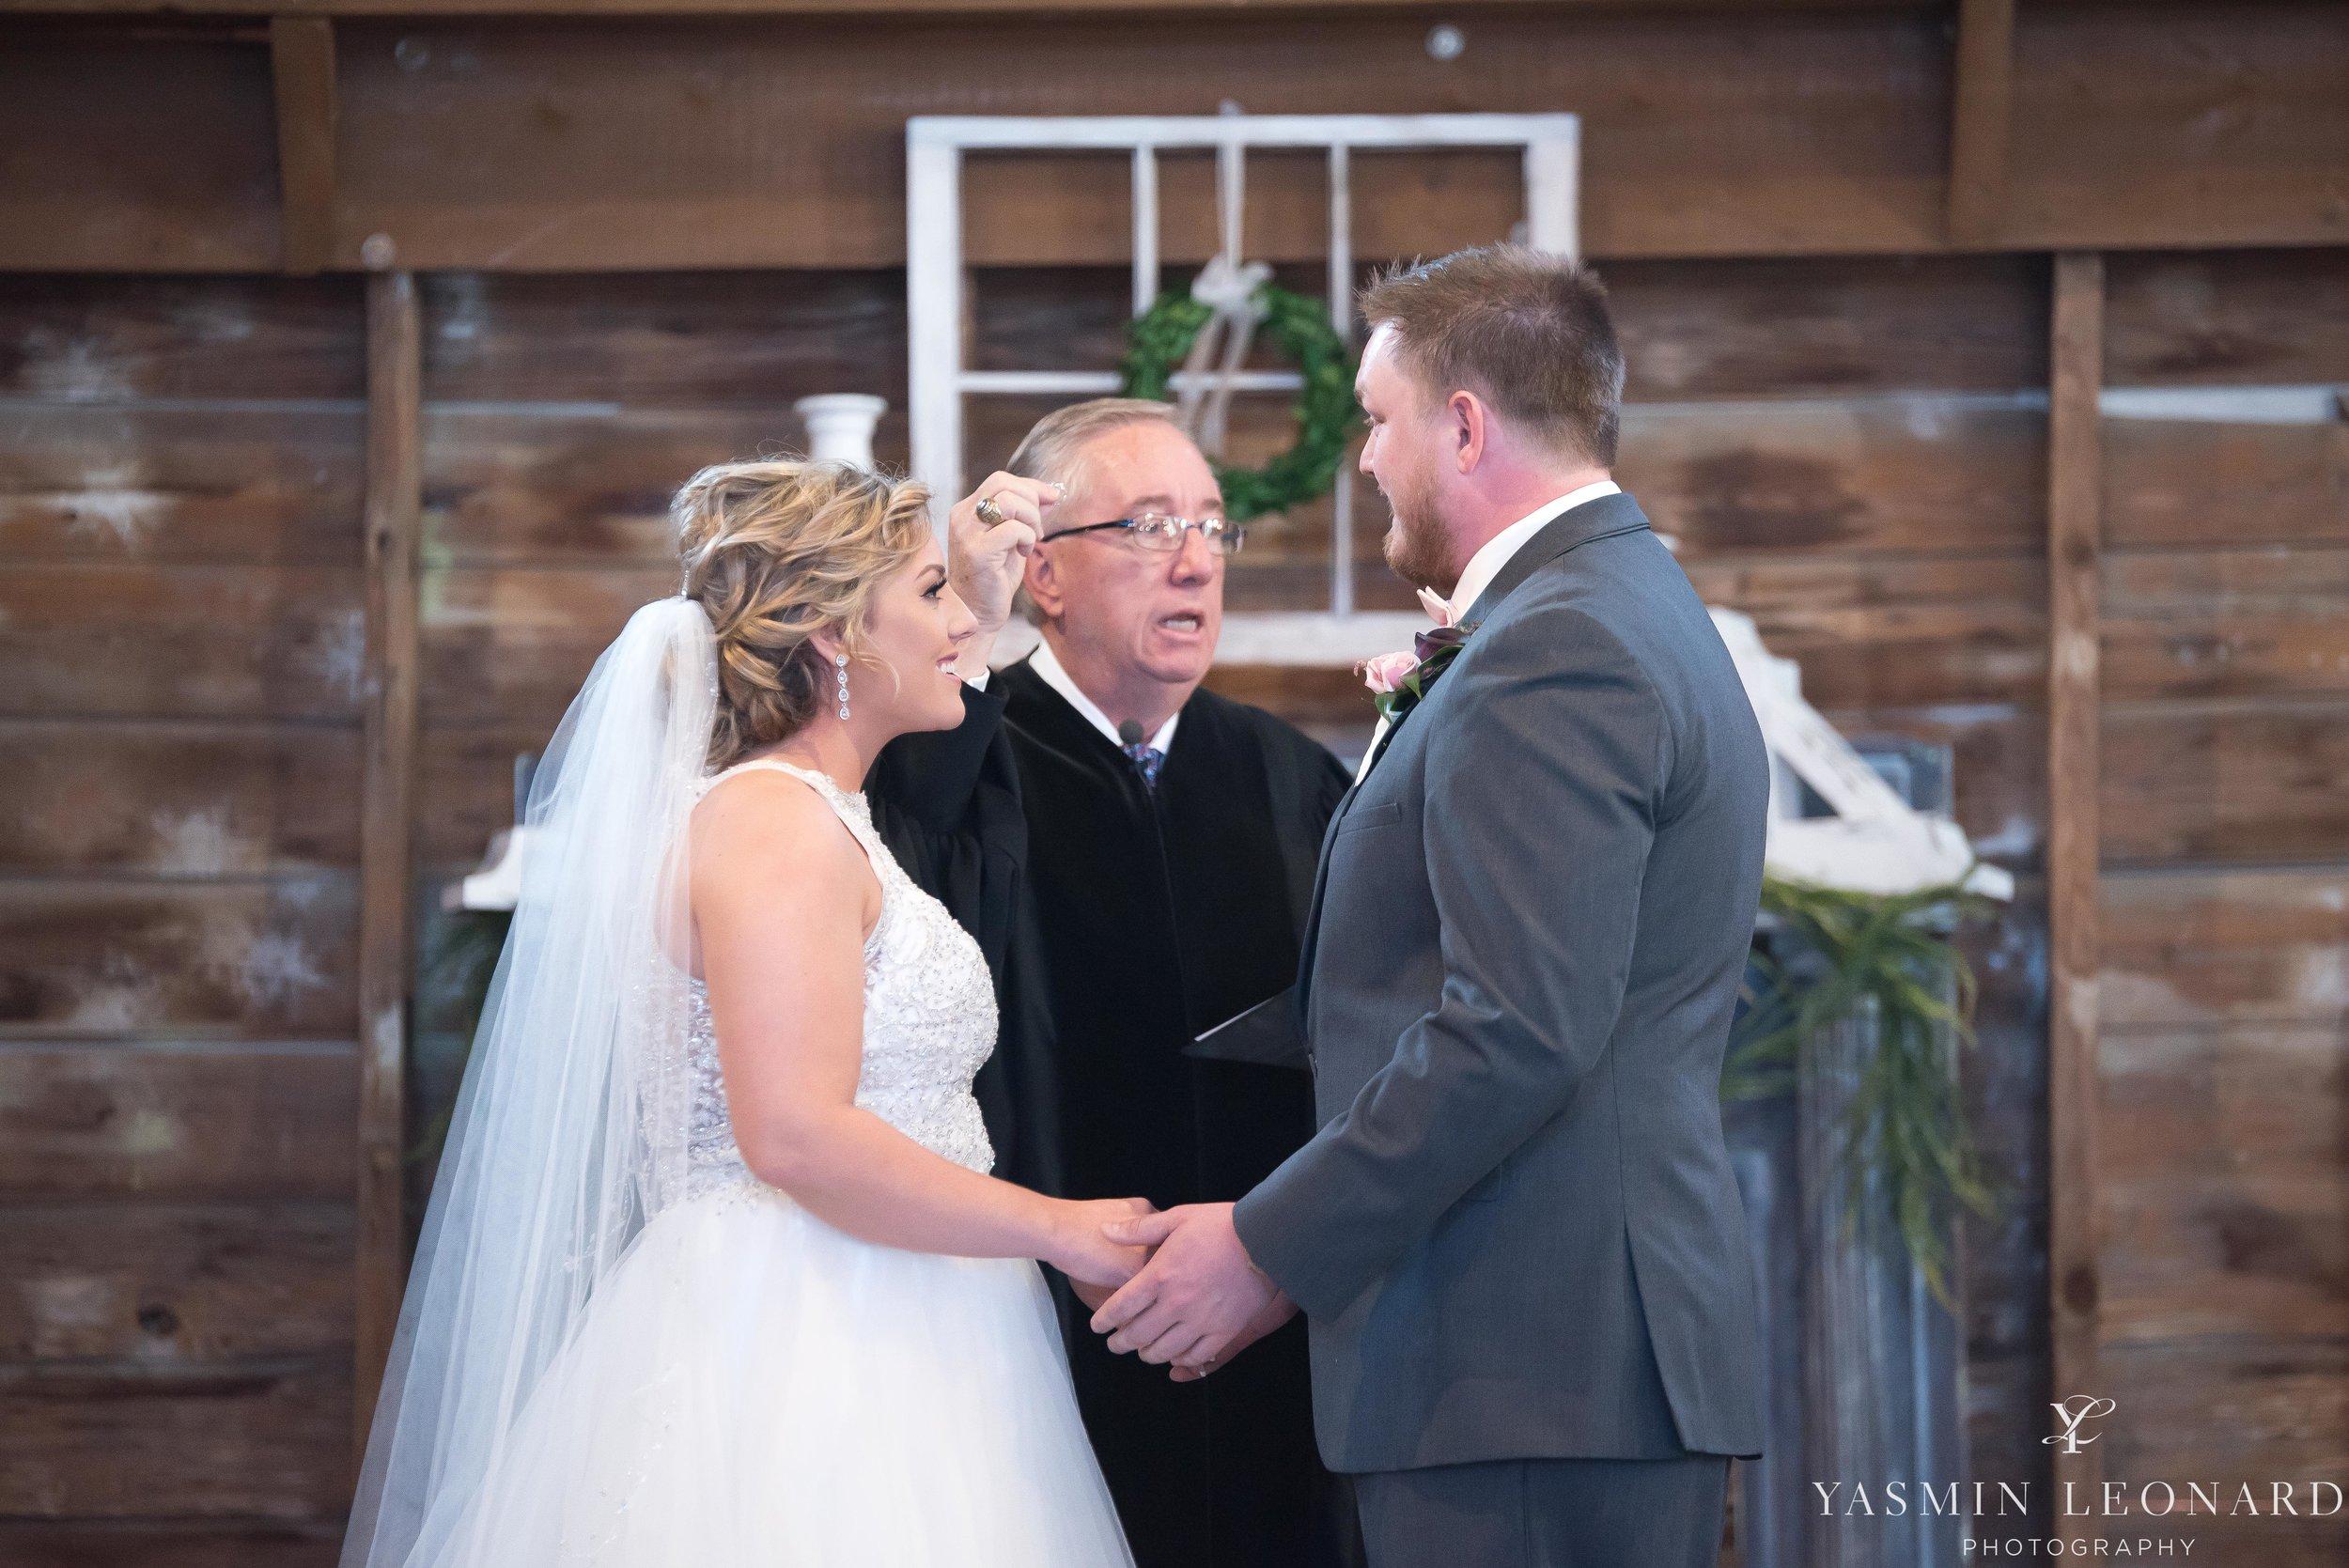 Millikan Farms - Millikan Farms Wedding - Sophia NC Wedding - NC Wedding - NC Wedding Photographer - Yasmin Leonard Photography - High Point Photographer - Barn Wedding - Wedding Venues in NC - Triad Wedding Photographer-48.jpg